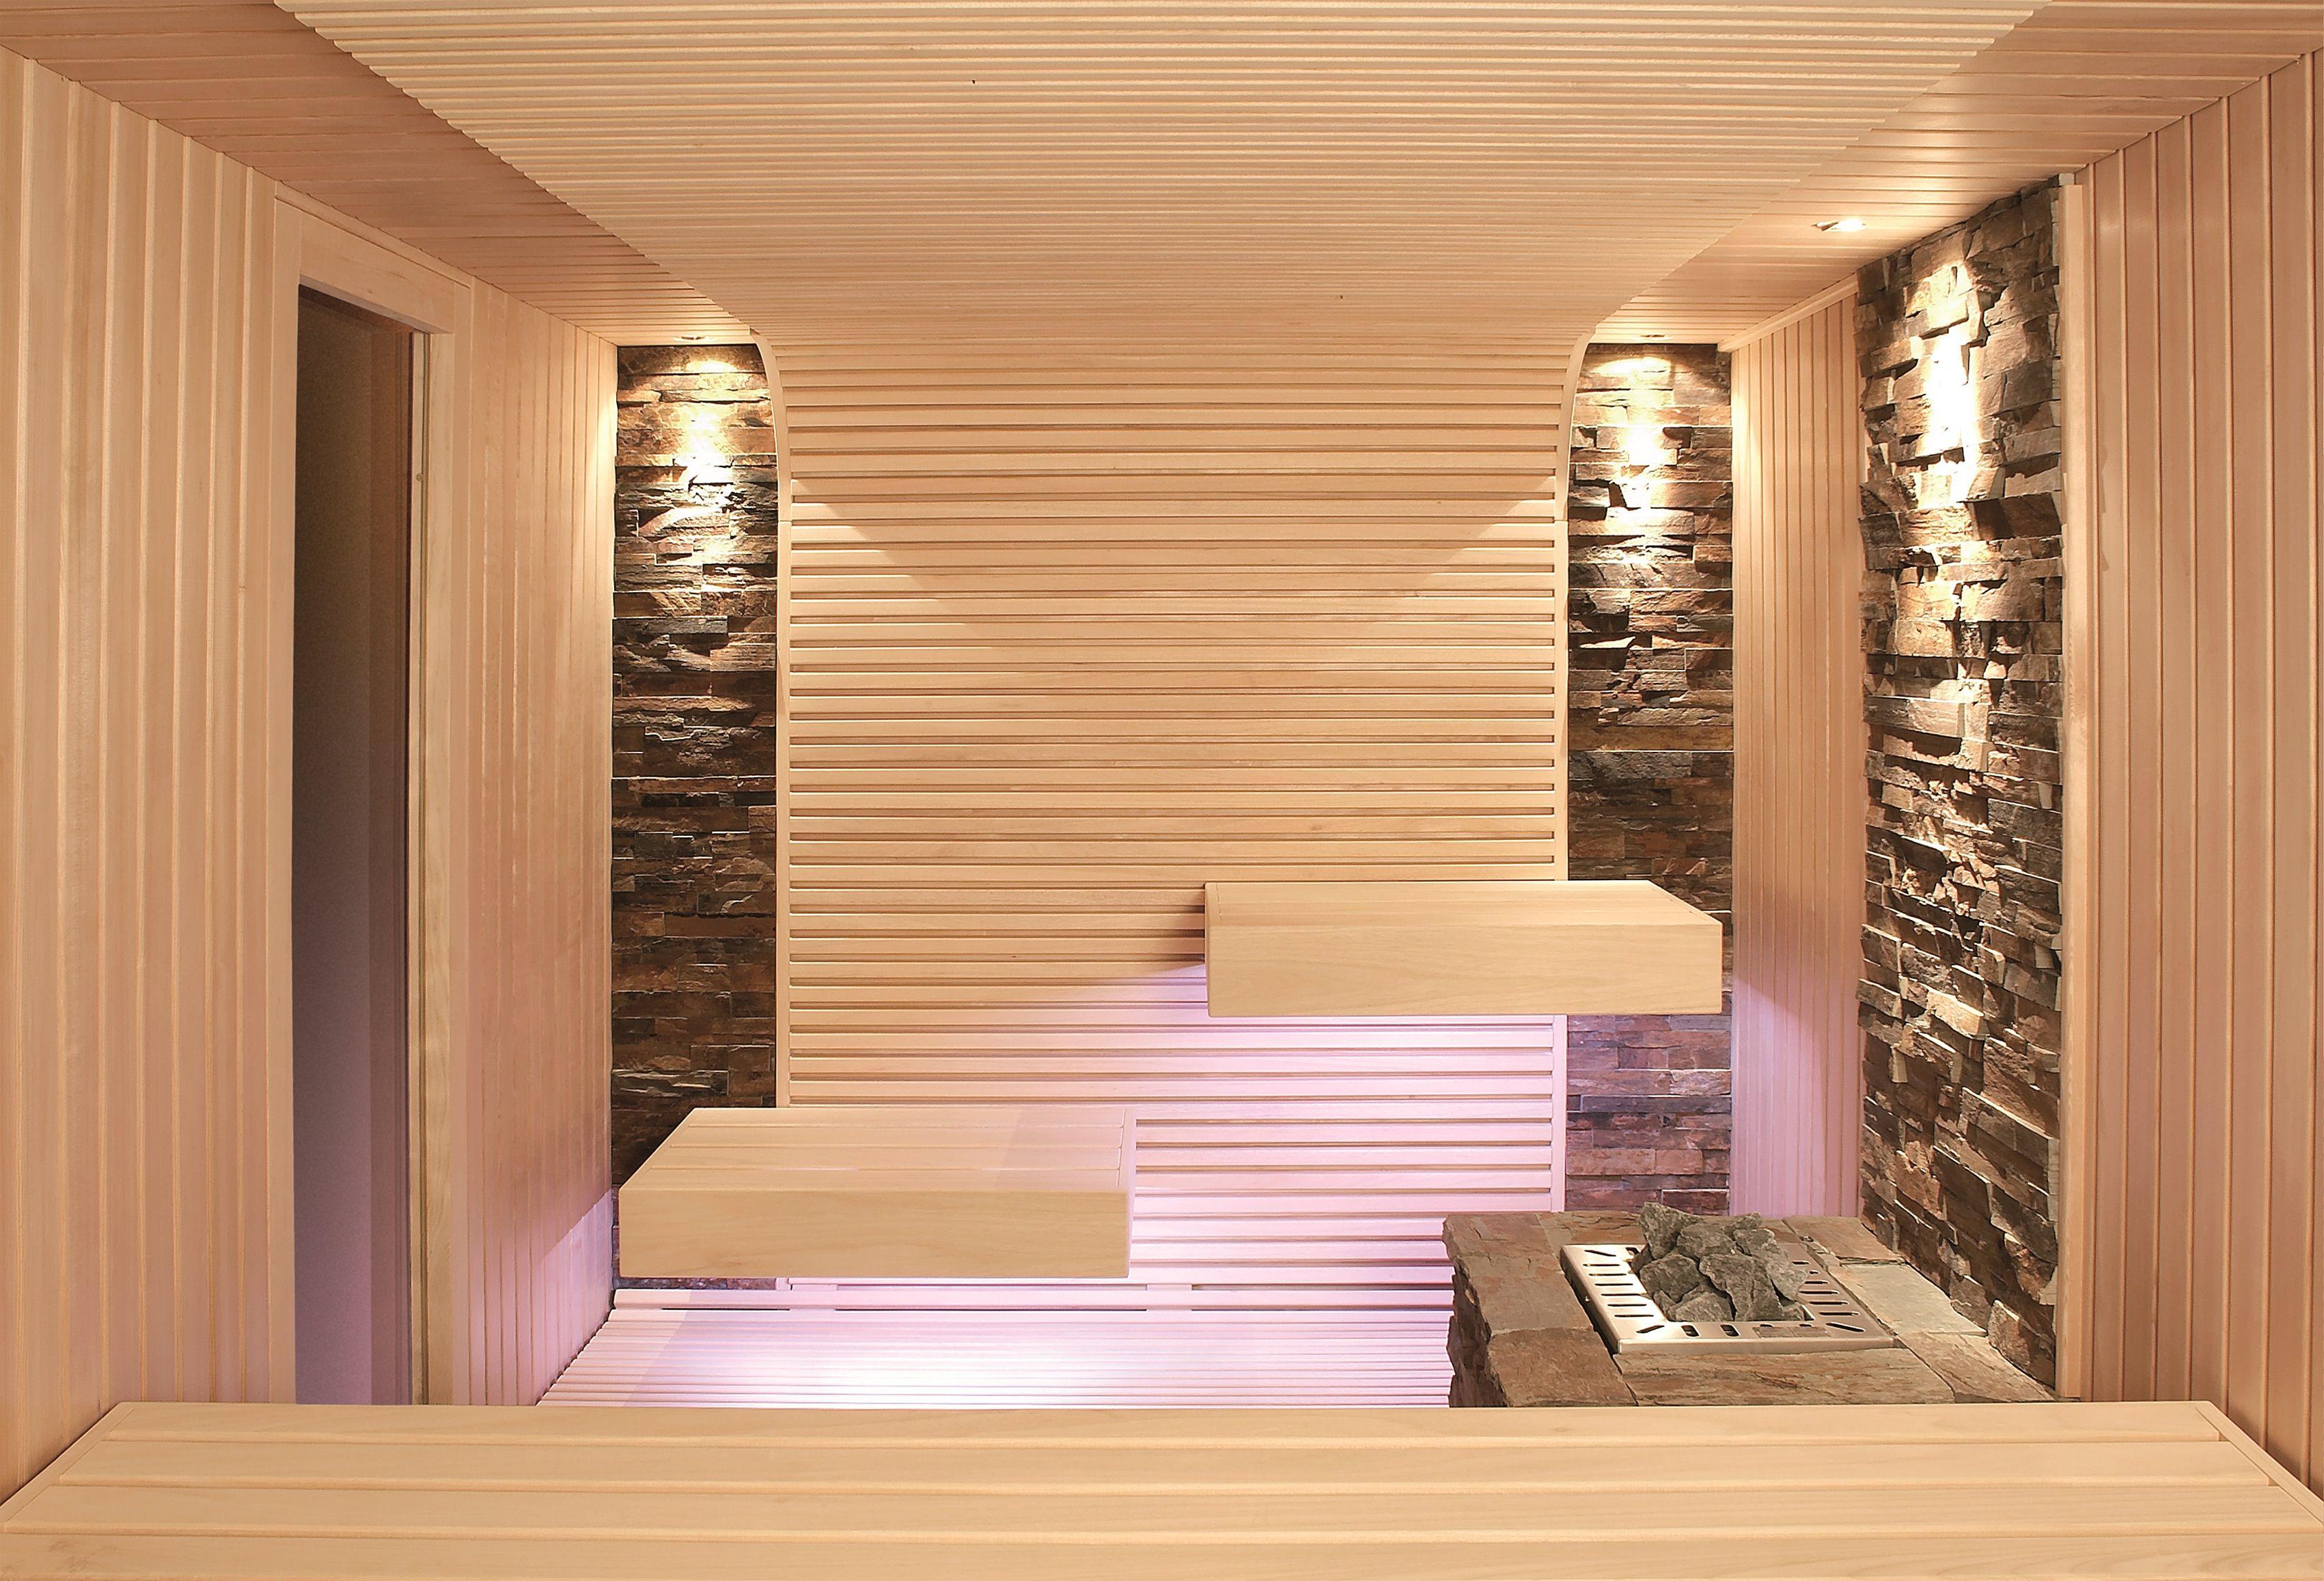 sauna mit schwebend wirkenden b nken und steinstreifen an der wand erdmann sauna. Black Bedroom Furniture Sets. Home Design Ideas